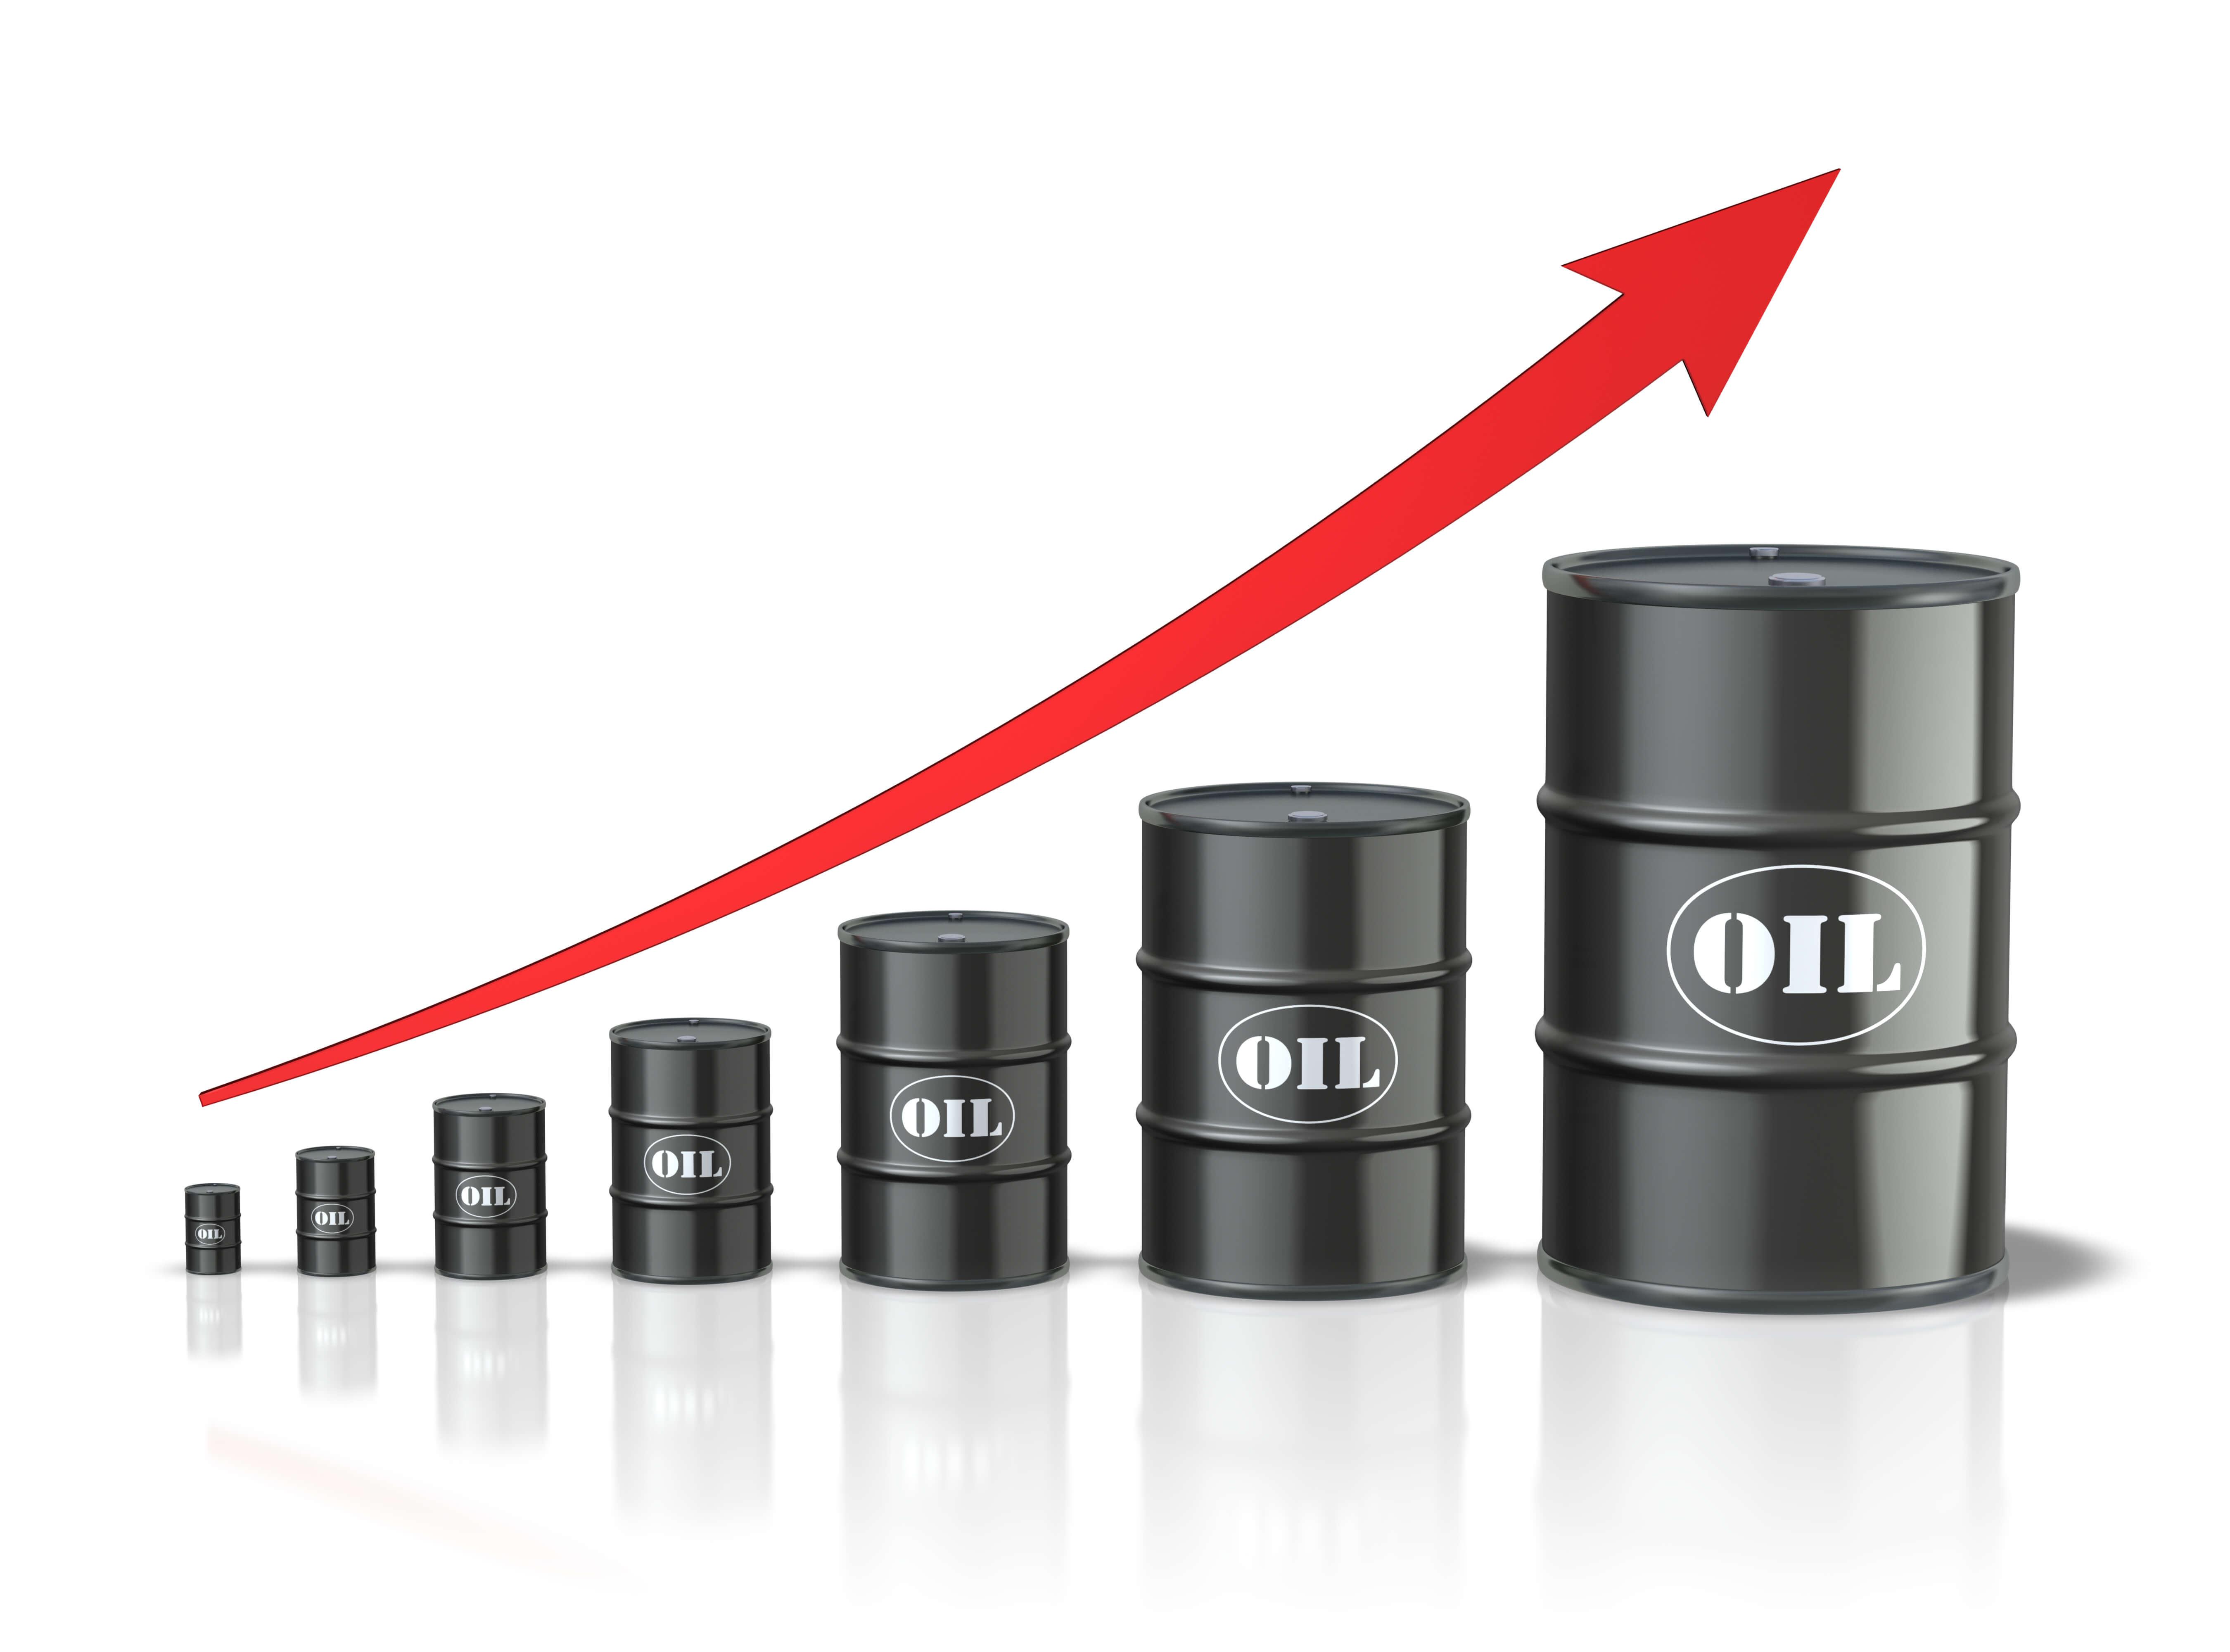 Les prix du pétrole ont augmenté le 2 août